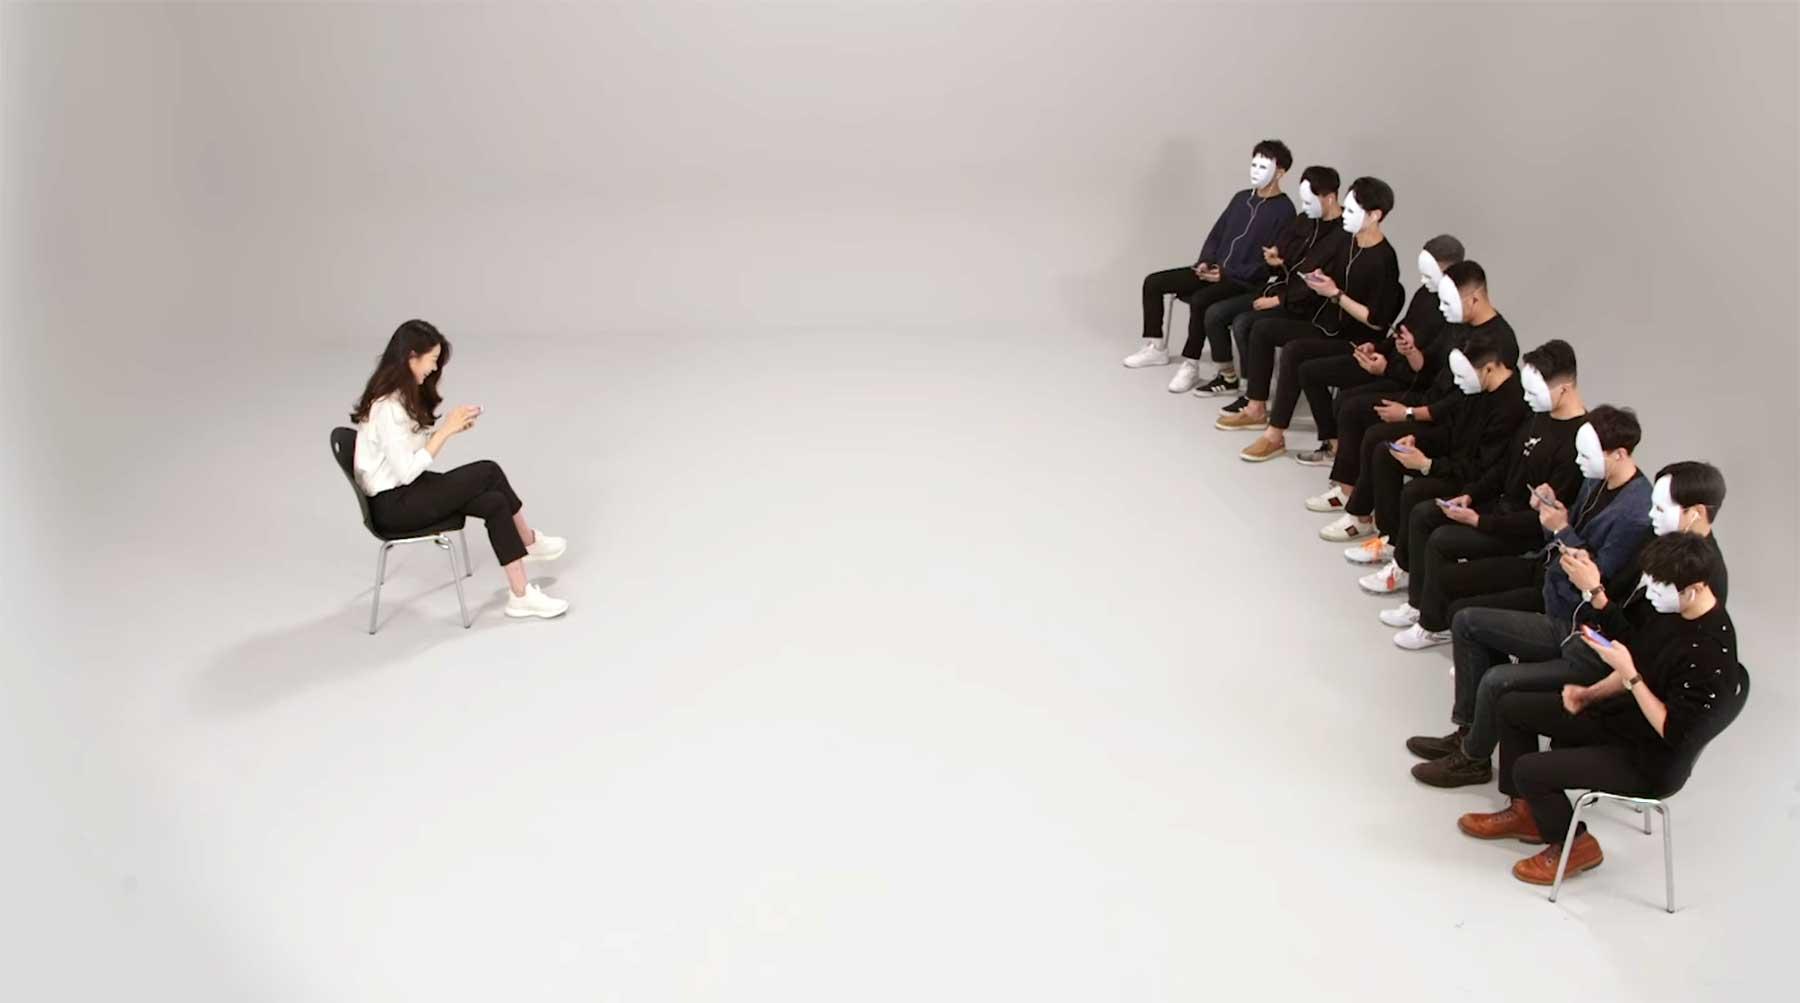 Frau trifft zehn Männer, die ihren Traumvorstellungen entsprechen eine-frau-zehn-traummaenner